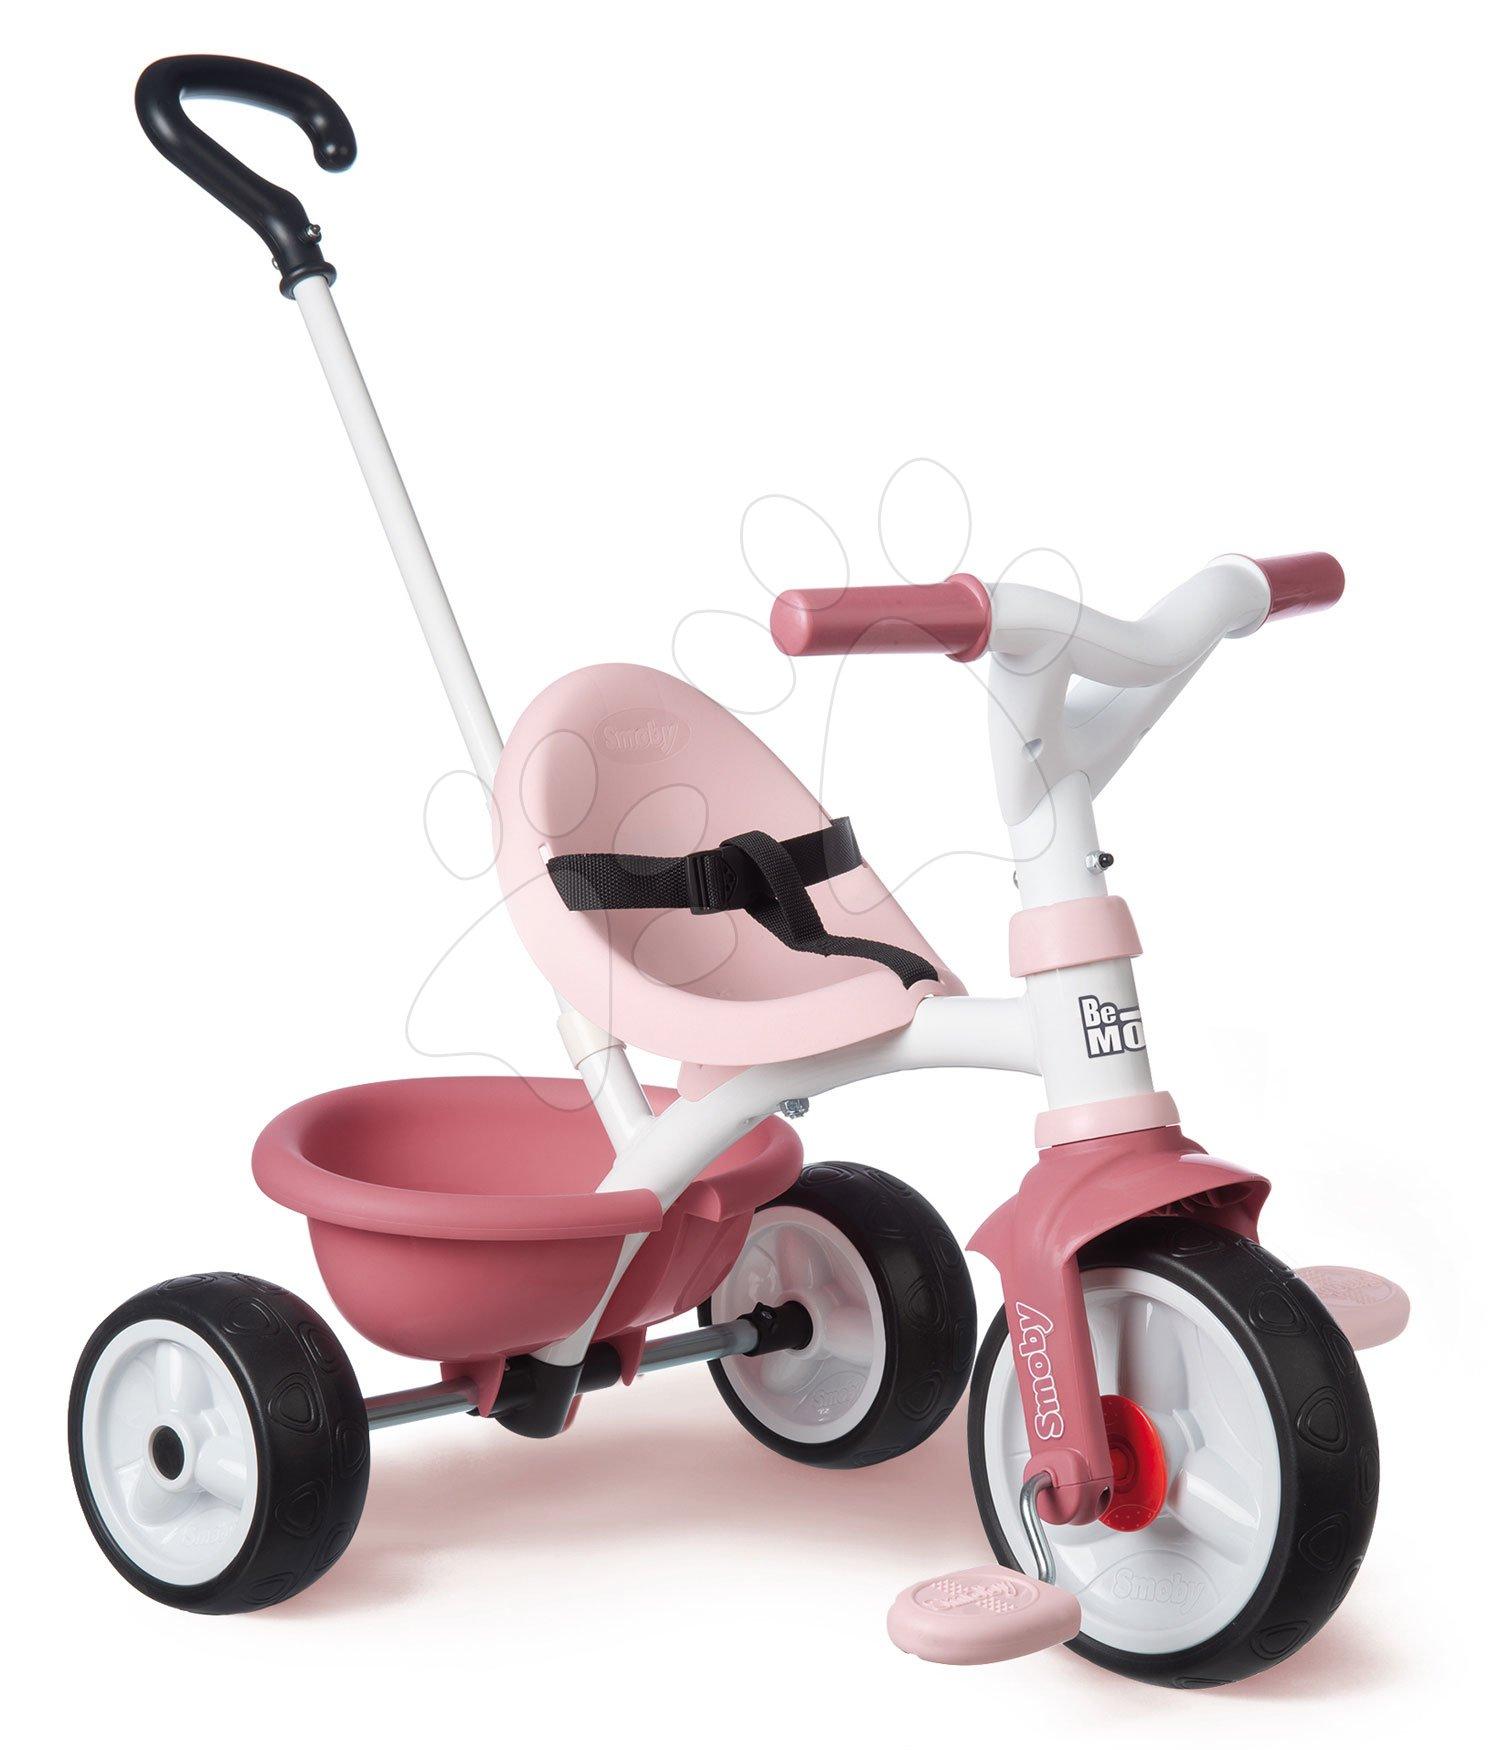 Tříkolka s volnoběhem Be Move Tricycle Pink Smoby s vodicí tyčí a EVA koly růžová od 15 měsíců